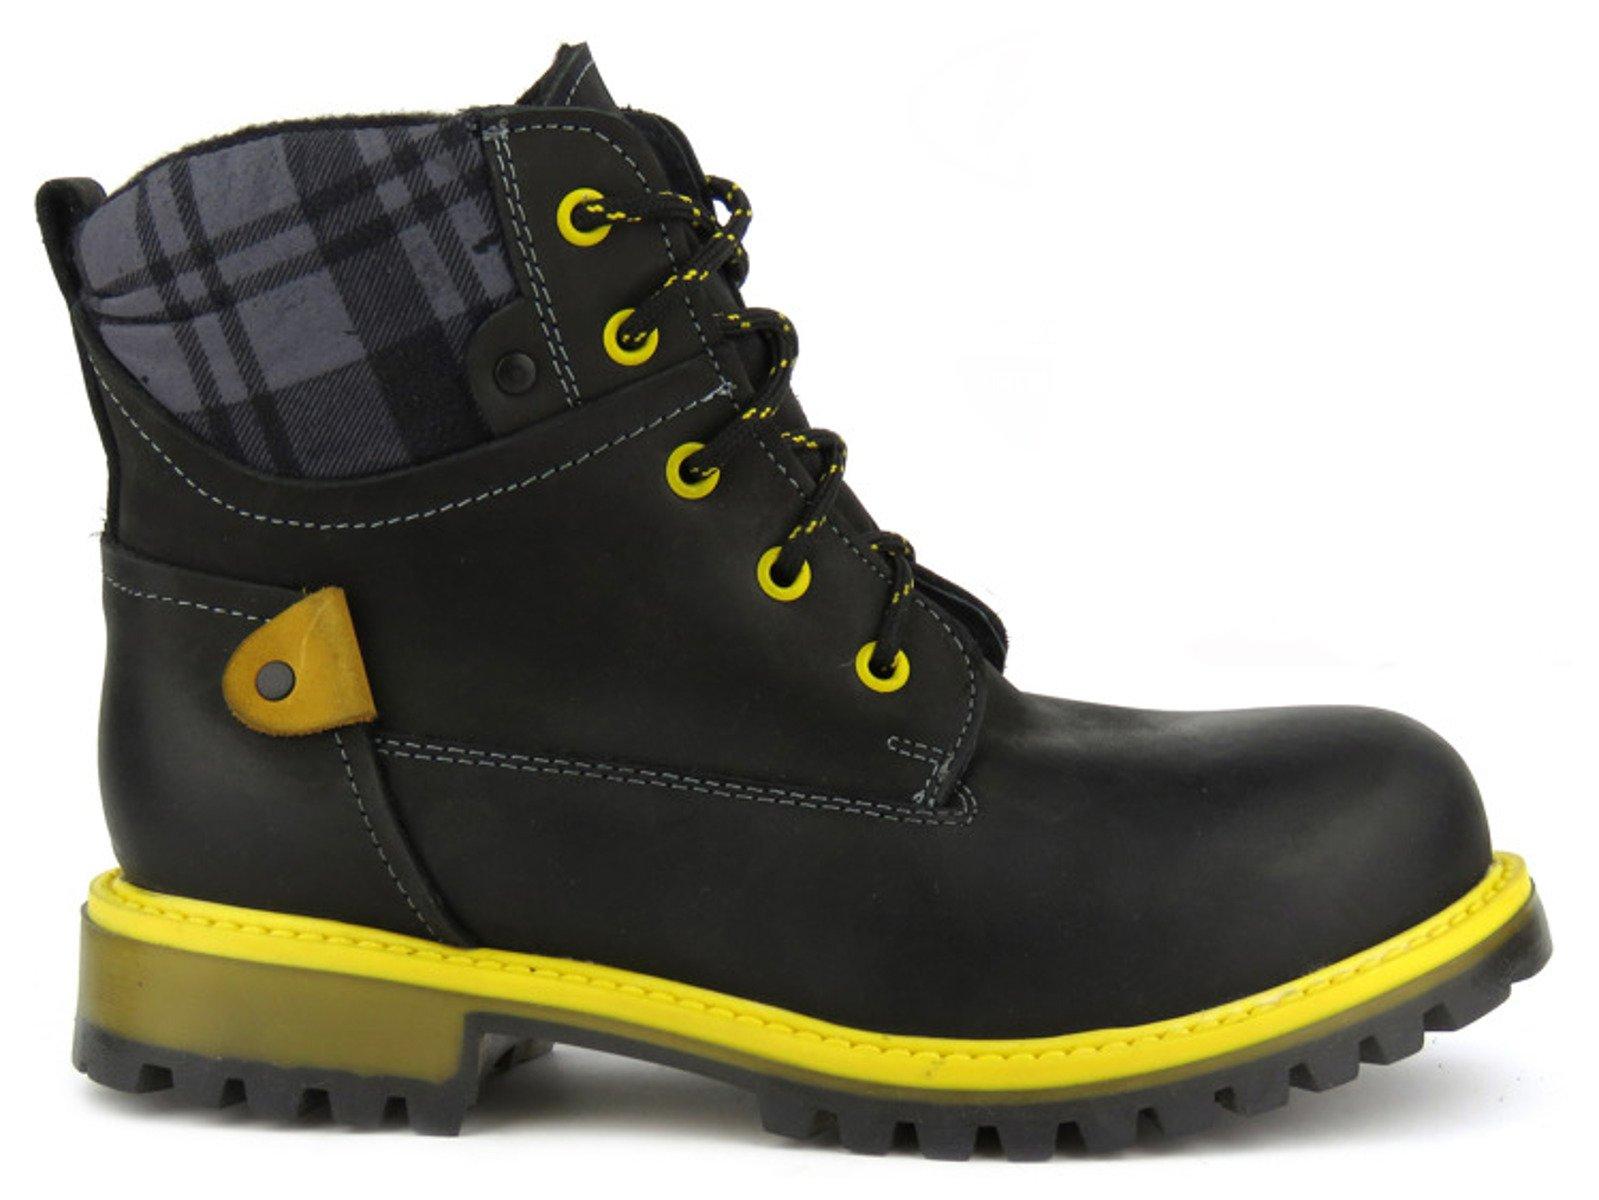 d97786a6cec41 Trapery damskie Helios 663 czarny || żółty | Damskie \ Buty zimowe ...